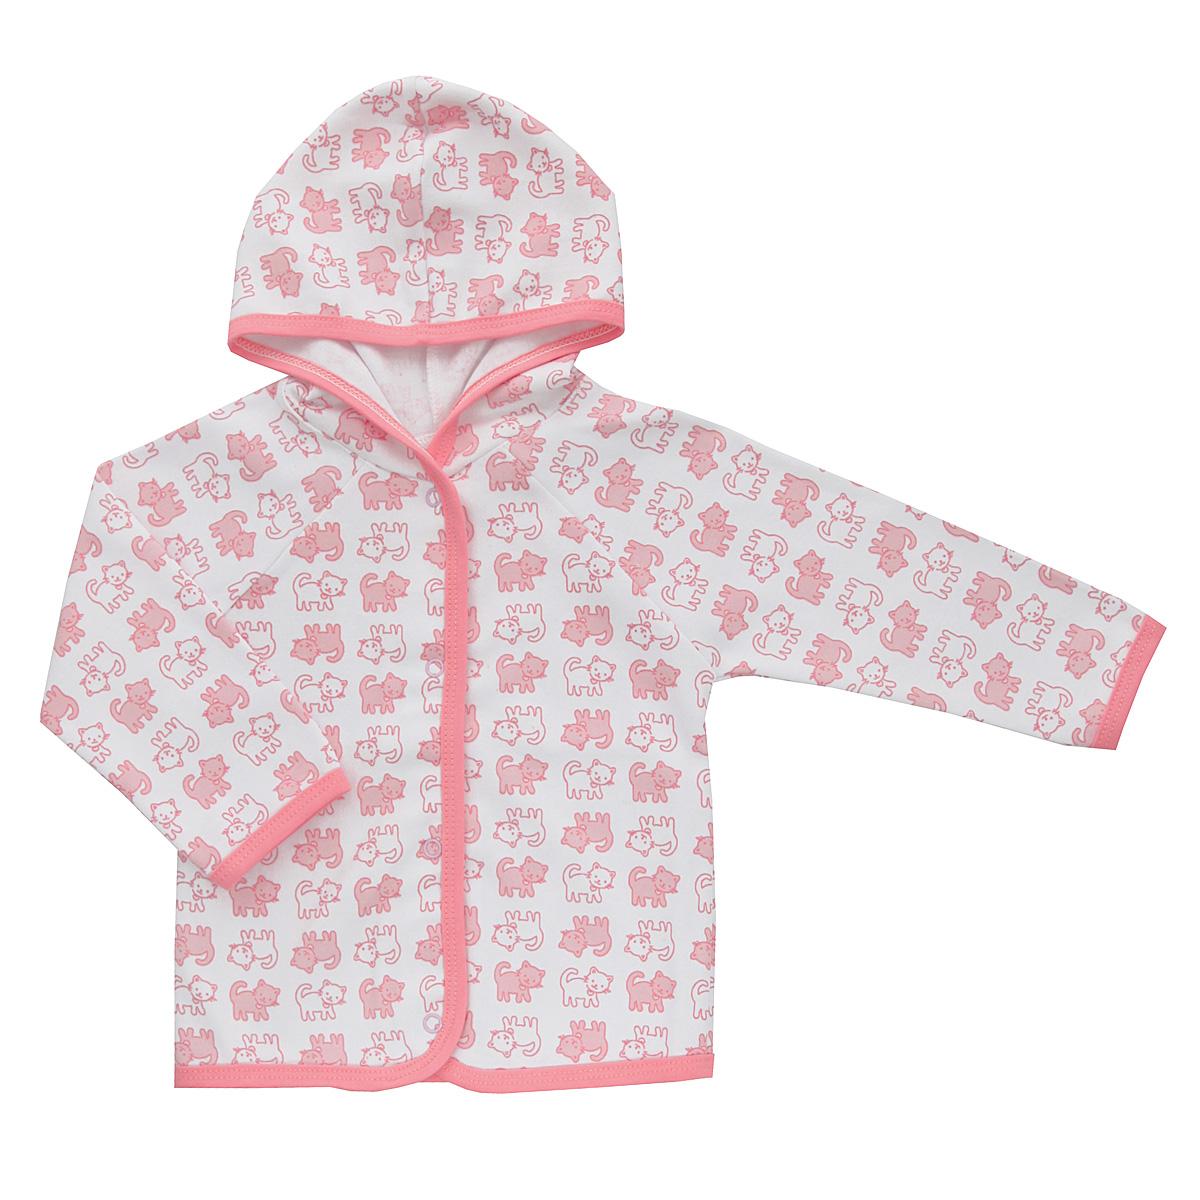 Кофточка Трон-плюс, цвет: белый, розовый. 5162_котенок. Размер 56, 1 месяц5162_котенокУдобная детская кофточка Трон-плюс послужит идеальным дополнением к гардеробу вашего ребенка, обеспечивая ему наибольший комфорт. Изготовленная из интерлока - натурального хлопка, она необычайно мягкая и легкая, не раздражает нежную кожу ребенка и хорошо вентилируется, а эластичные швы приятны телу ребенка и не препятствуют его движениям. Кофточка с капюшоном и длинными рукавами-реглан застегивается спереди на удобные застежки-кнопки, что помогает с легкостью переодеть ребенка. Окантовка капюшона, низ рукавов, планка и низ модели дополнены контрастной трикотажной бейкой. Оформлено изделие ненавязчивым принтом с изображениями котенка. Кофточка полностью соответствует особенностям жизни ребенка в ранний период, не стесняя и не ограничивая его в движениях.